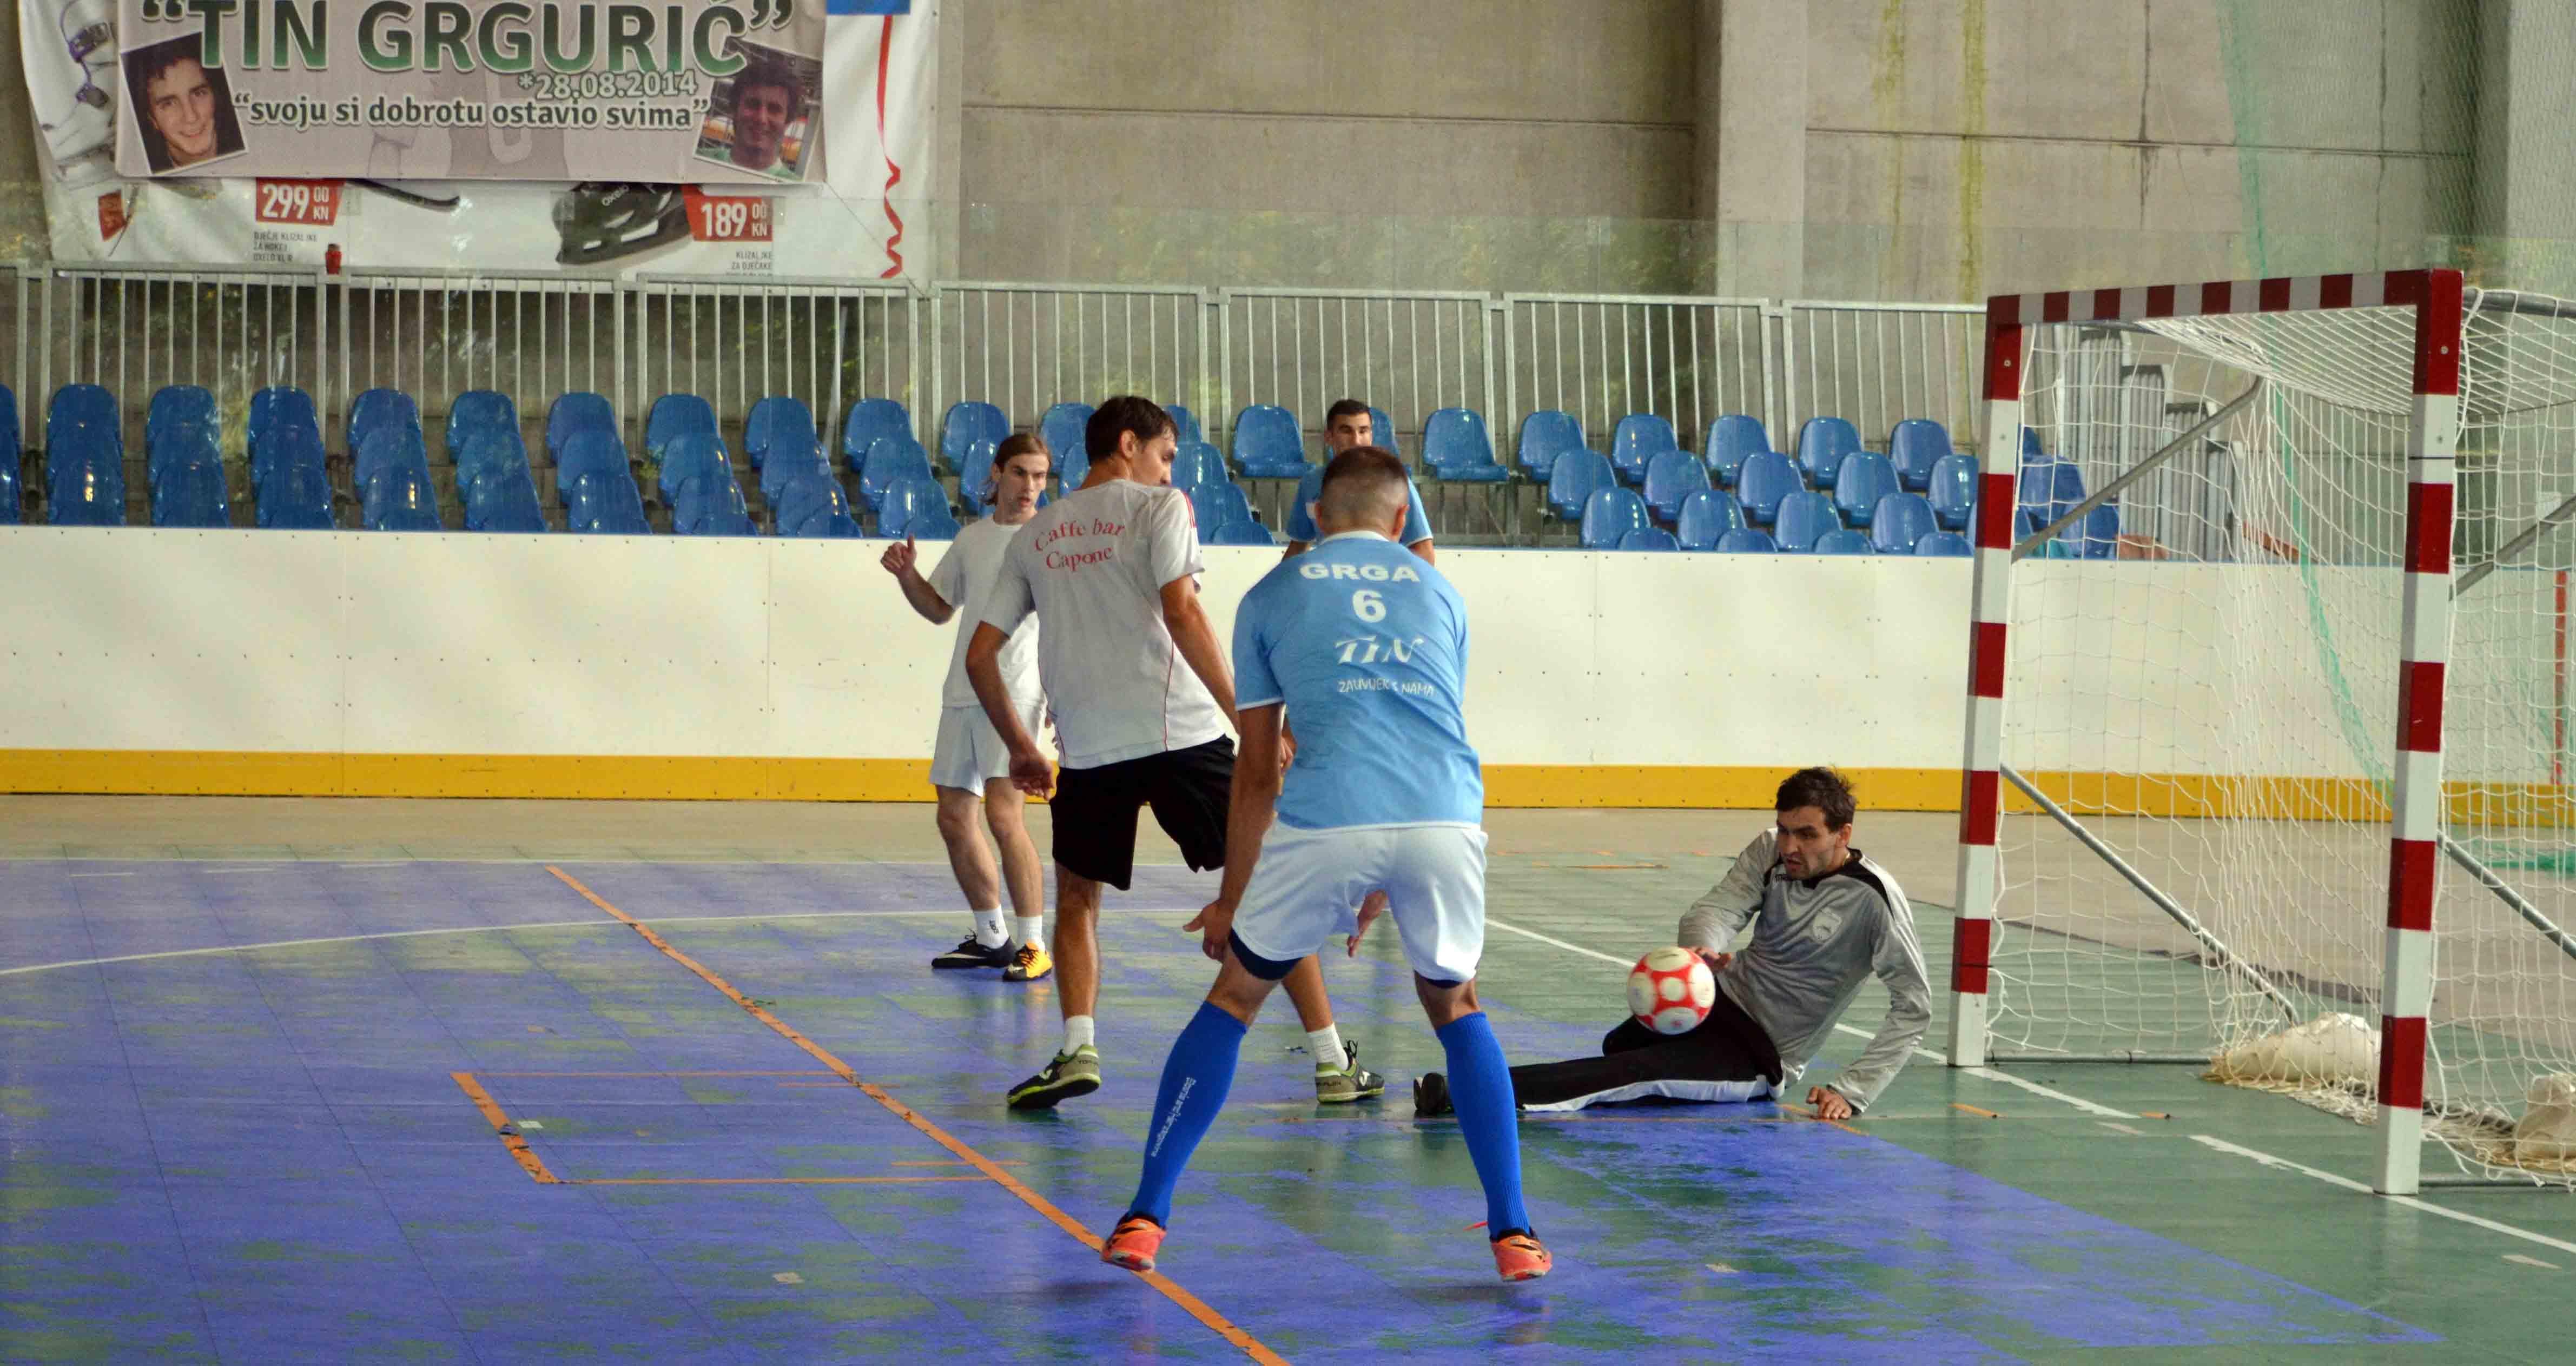 Kao i prošle, i ove će godine utakmice biti održane u Ledenoj dvorani / Foto  M. KRMPOTIĆ